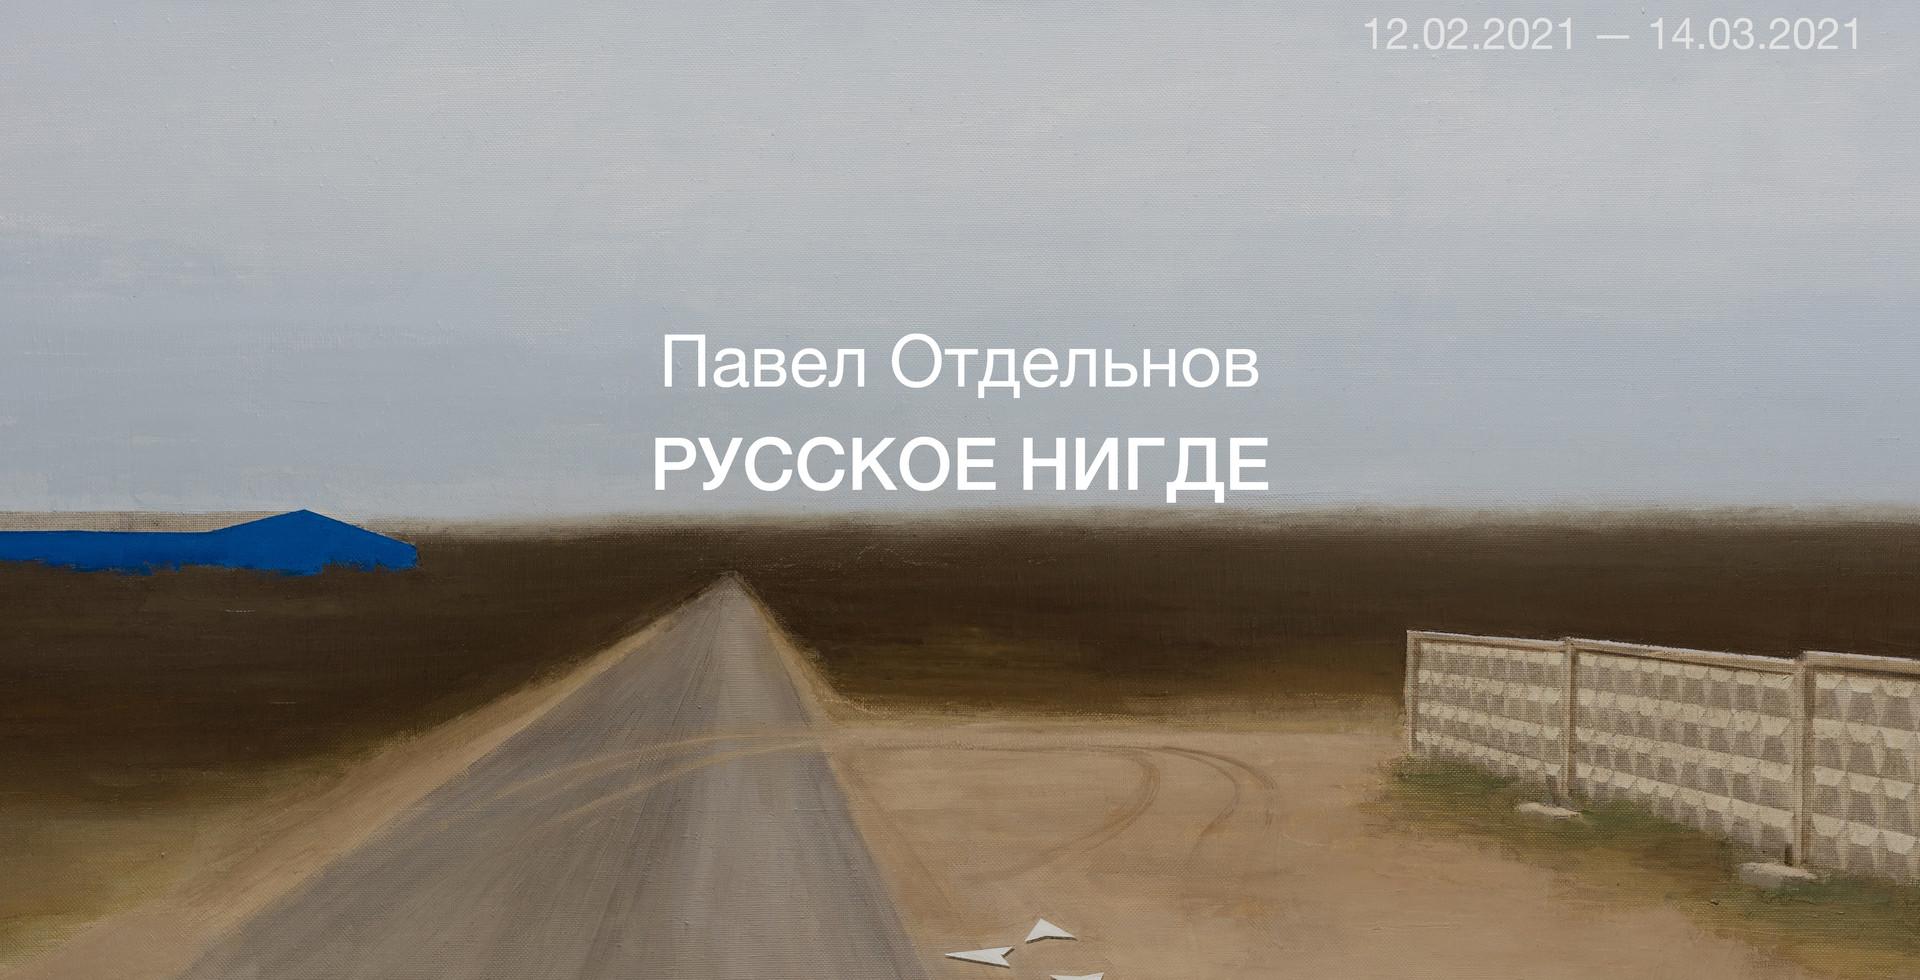 Павел Отдельнов